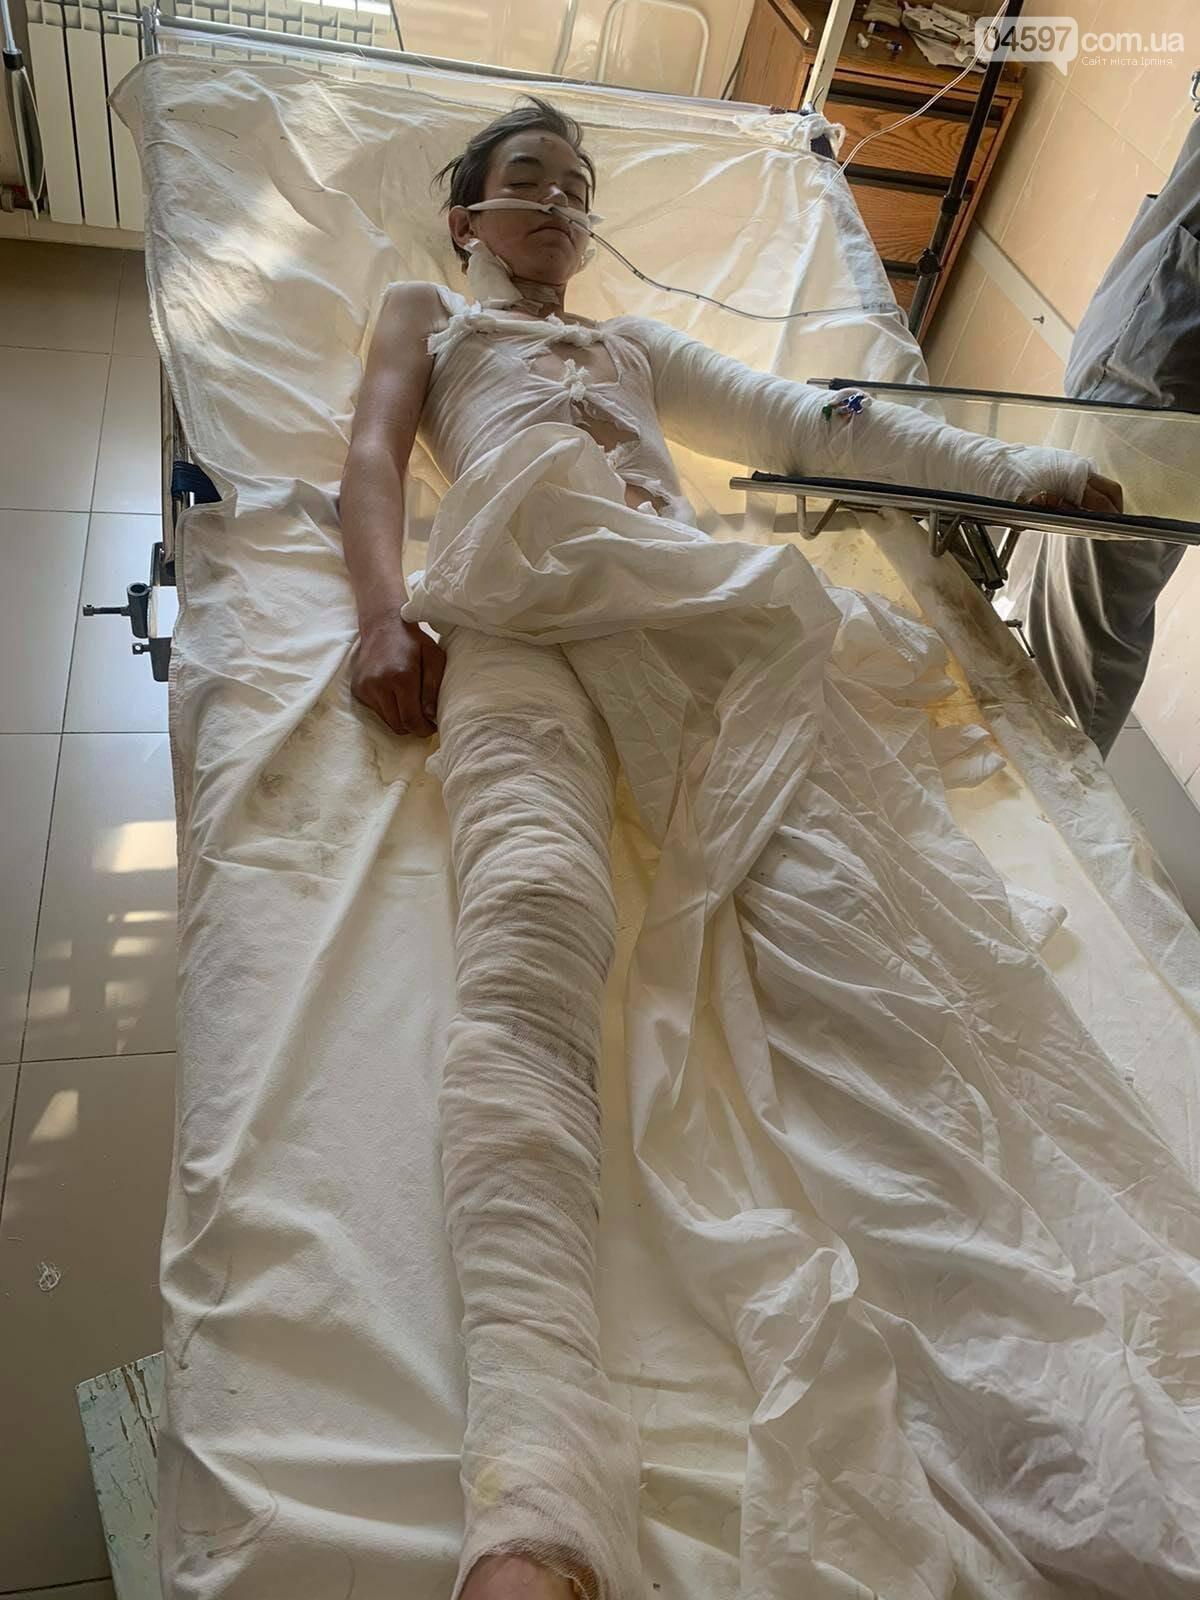 В Ірпені підлітка вдарило струмом, зараз збирають кошти на лікування